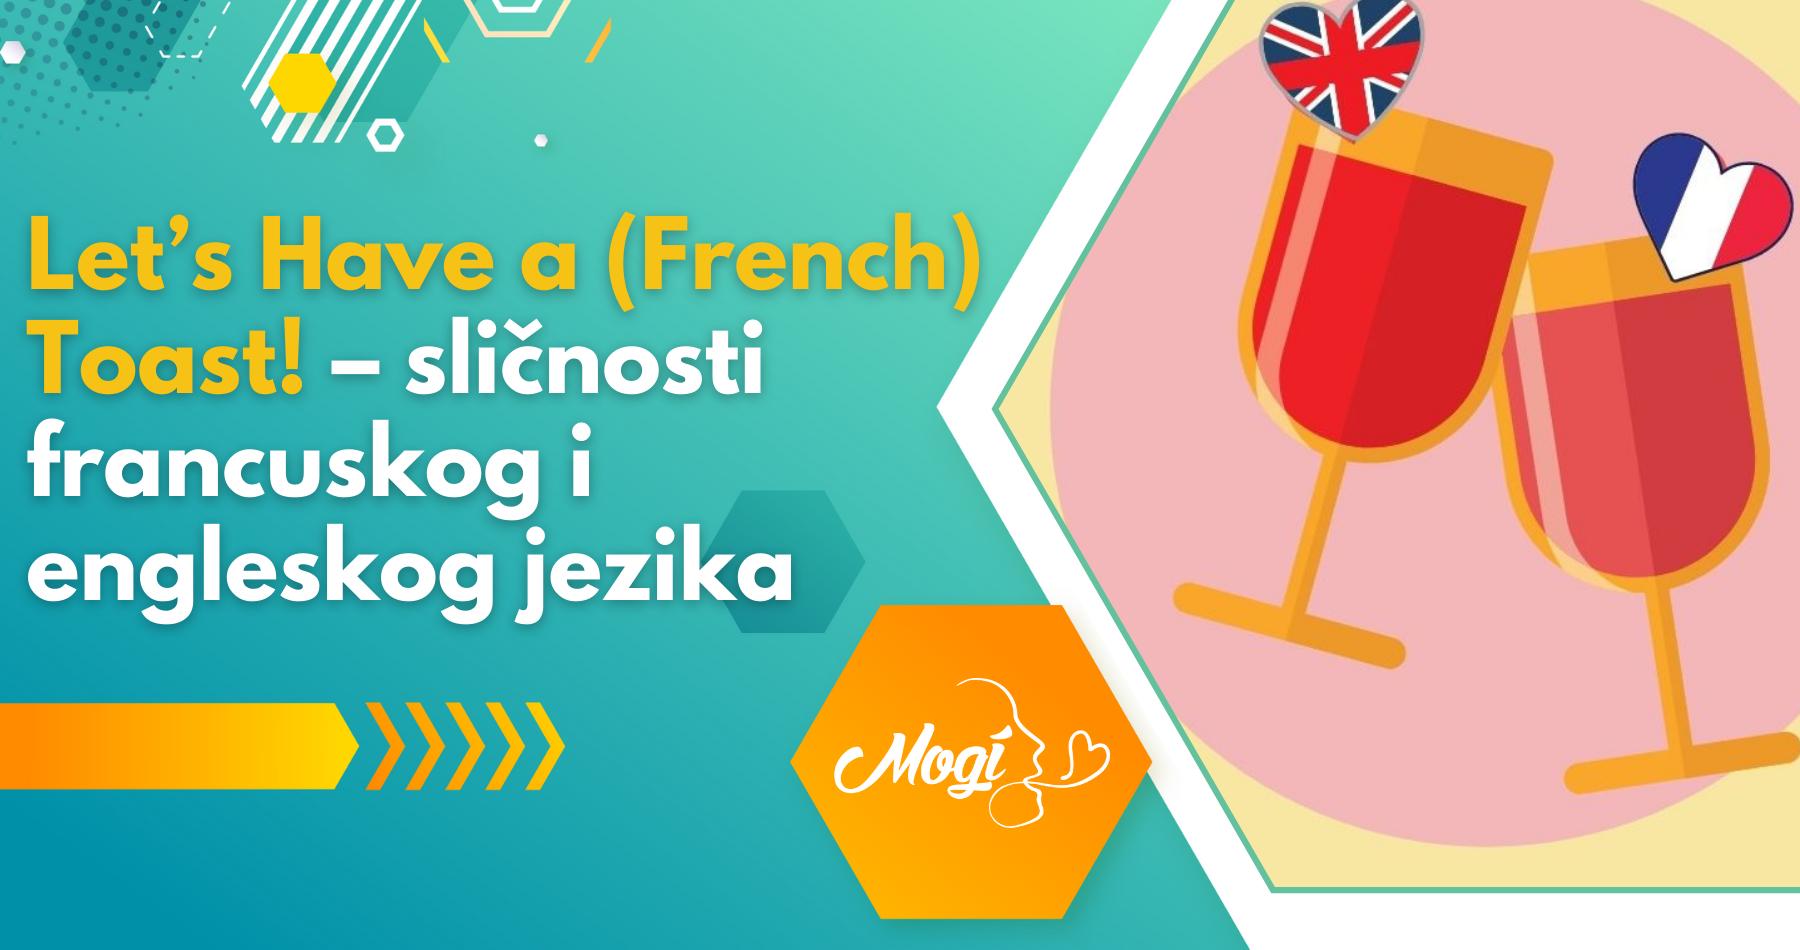 skola francuskog jezika